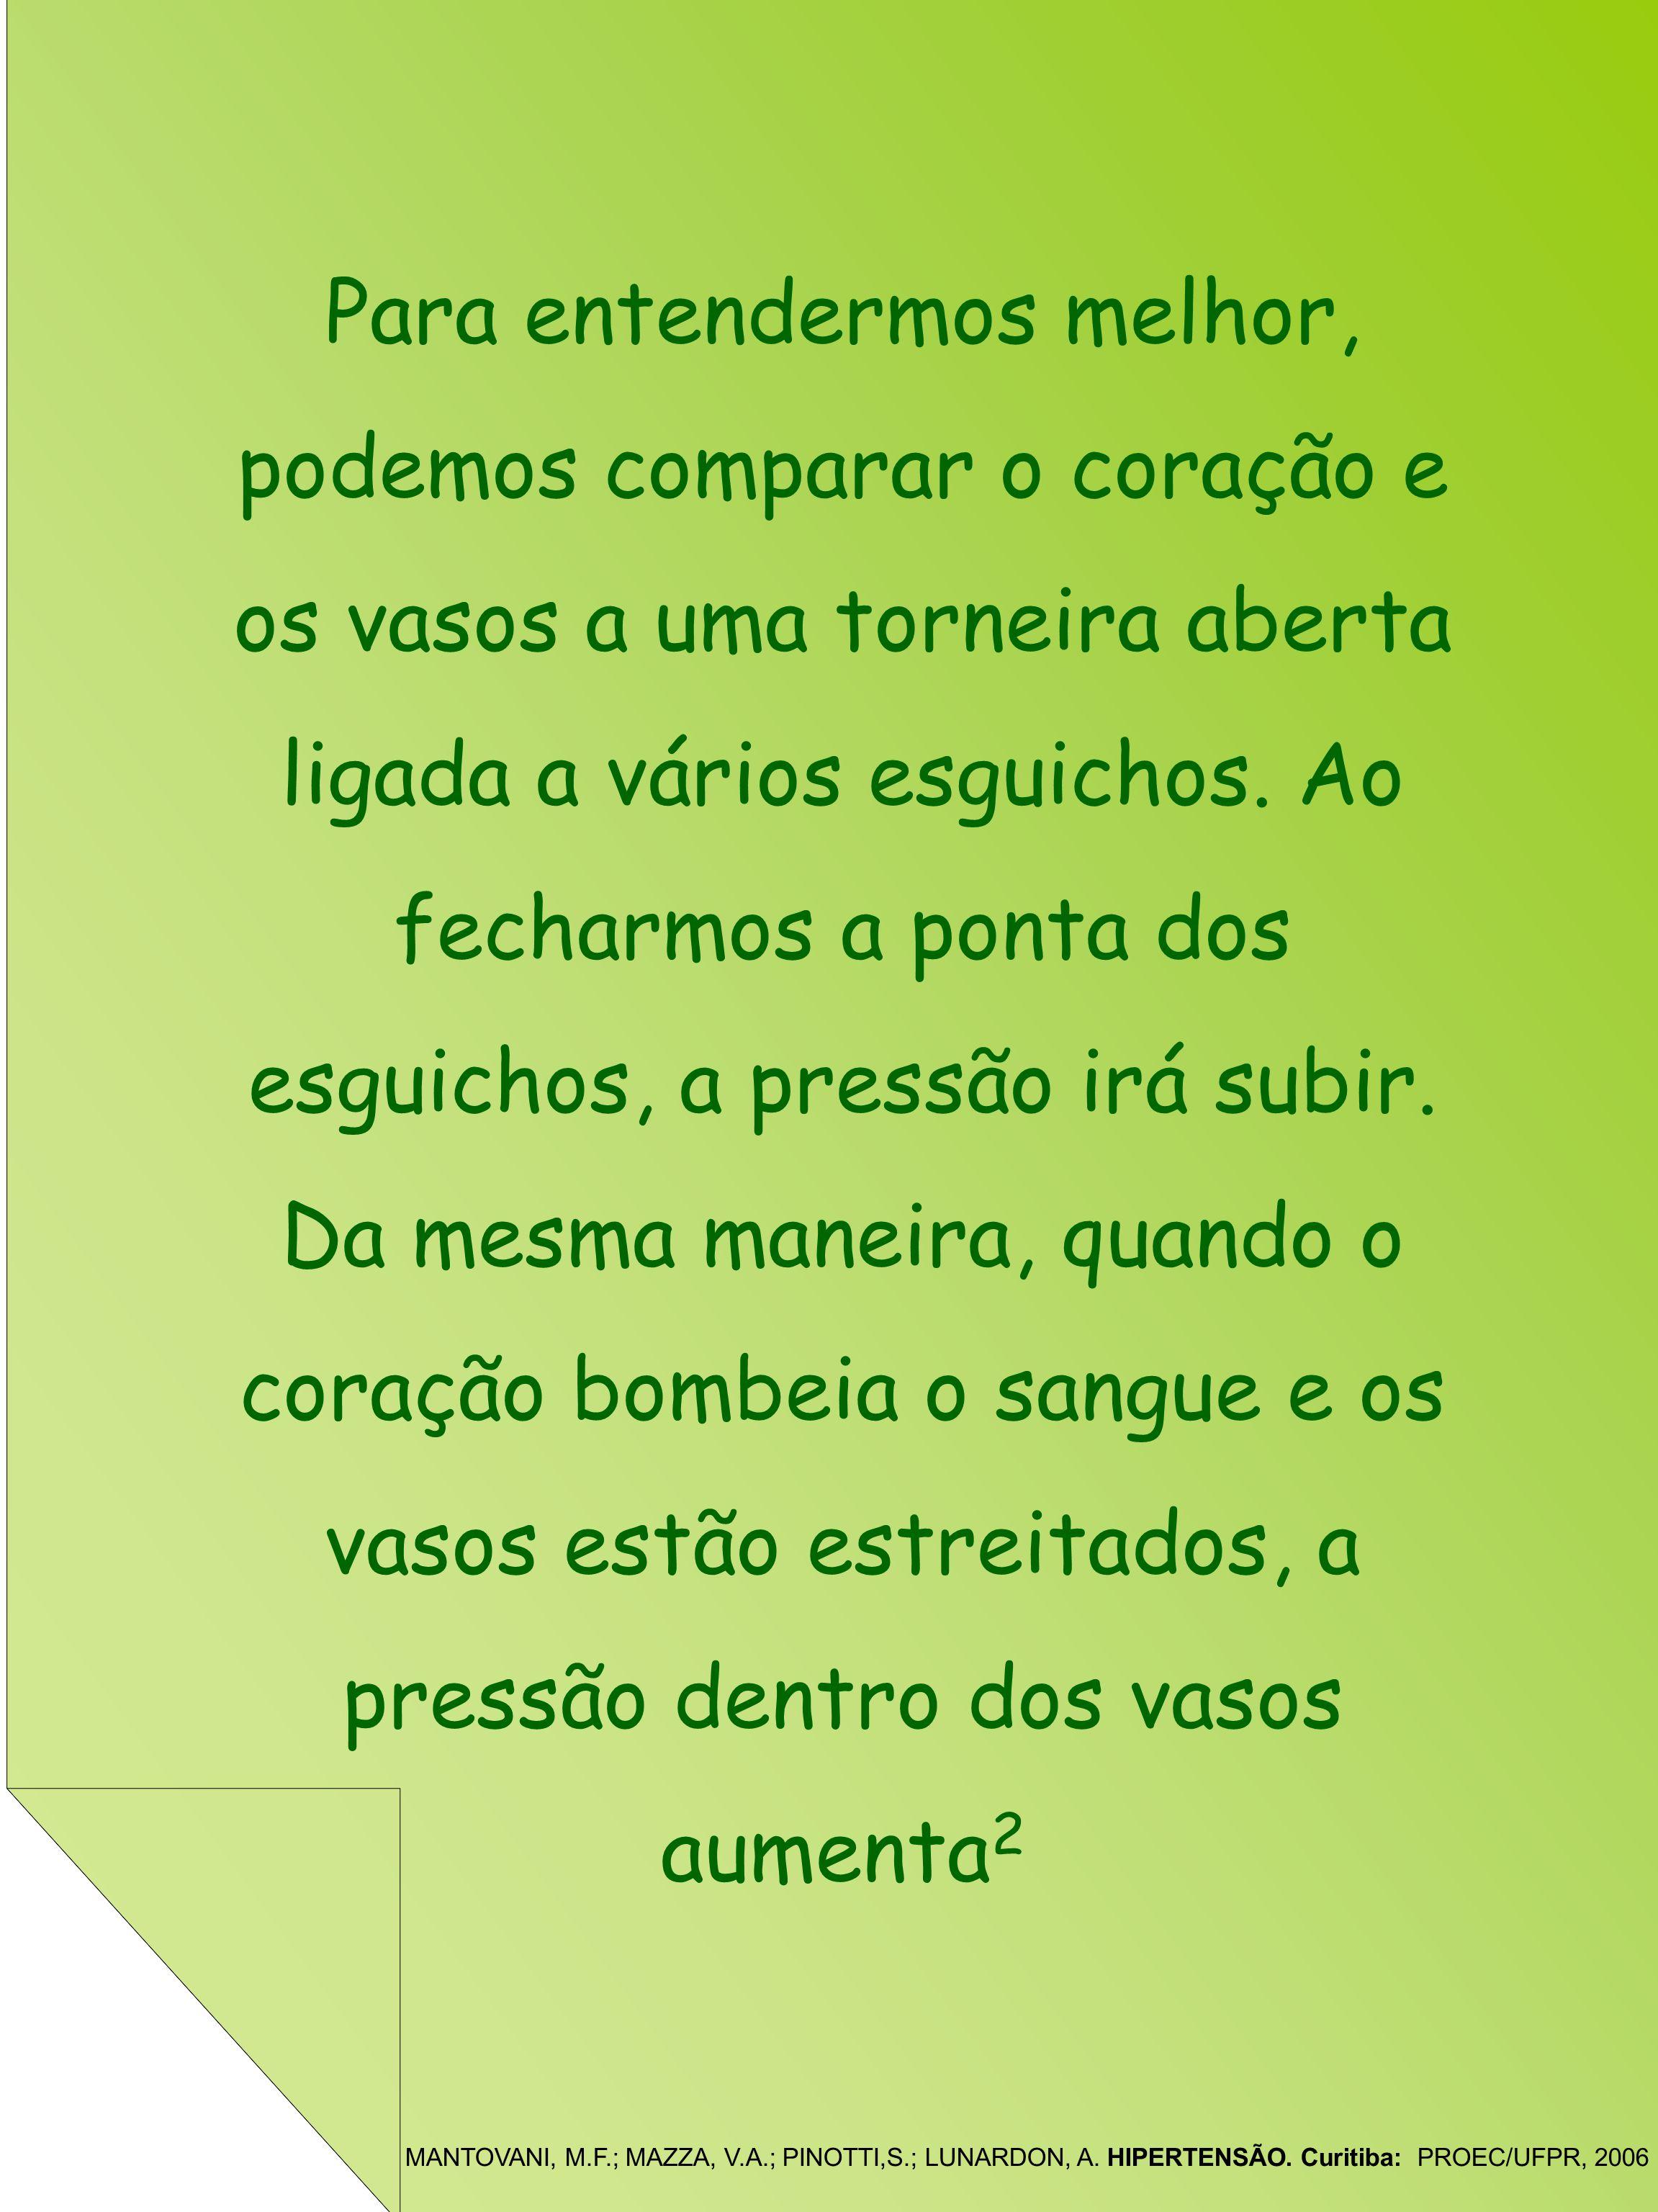 7)Dieta planejada individualmente; 8)Peixes, frango sem pele ou carnes magras; 9)Margarina com óleo vegetal e pouca quantidade de gordura saturada; 10)Óleos vegetais (girassol, milho, soja, canola, azeite de oliva); 11)Pães e cereais integrais (aveia, trigo, farelo); 12)Ervilha, feijão, grão-de-bico; 13)Batata simples cozida ou assada; 14)Arroz e mandioca; 15)Verduras, legumes e frutas; 16)Leite desnatado, iogurte desnatado, queijo branco ou ricota; E pratique Exercícios Físicos.